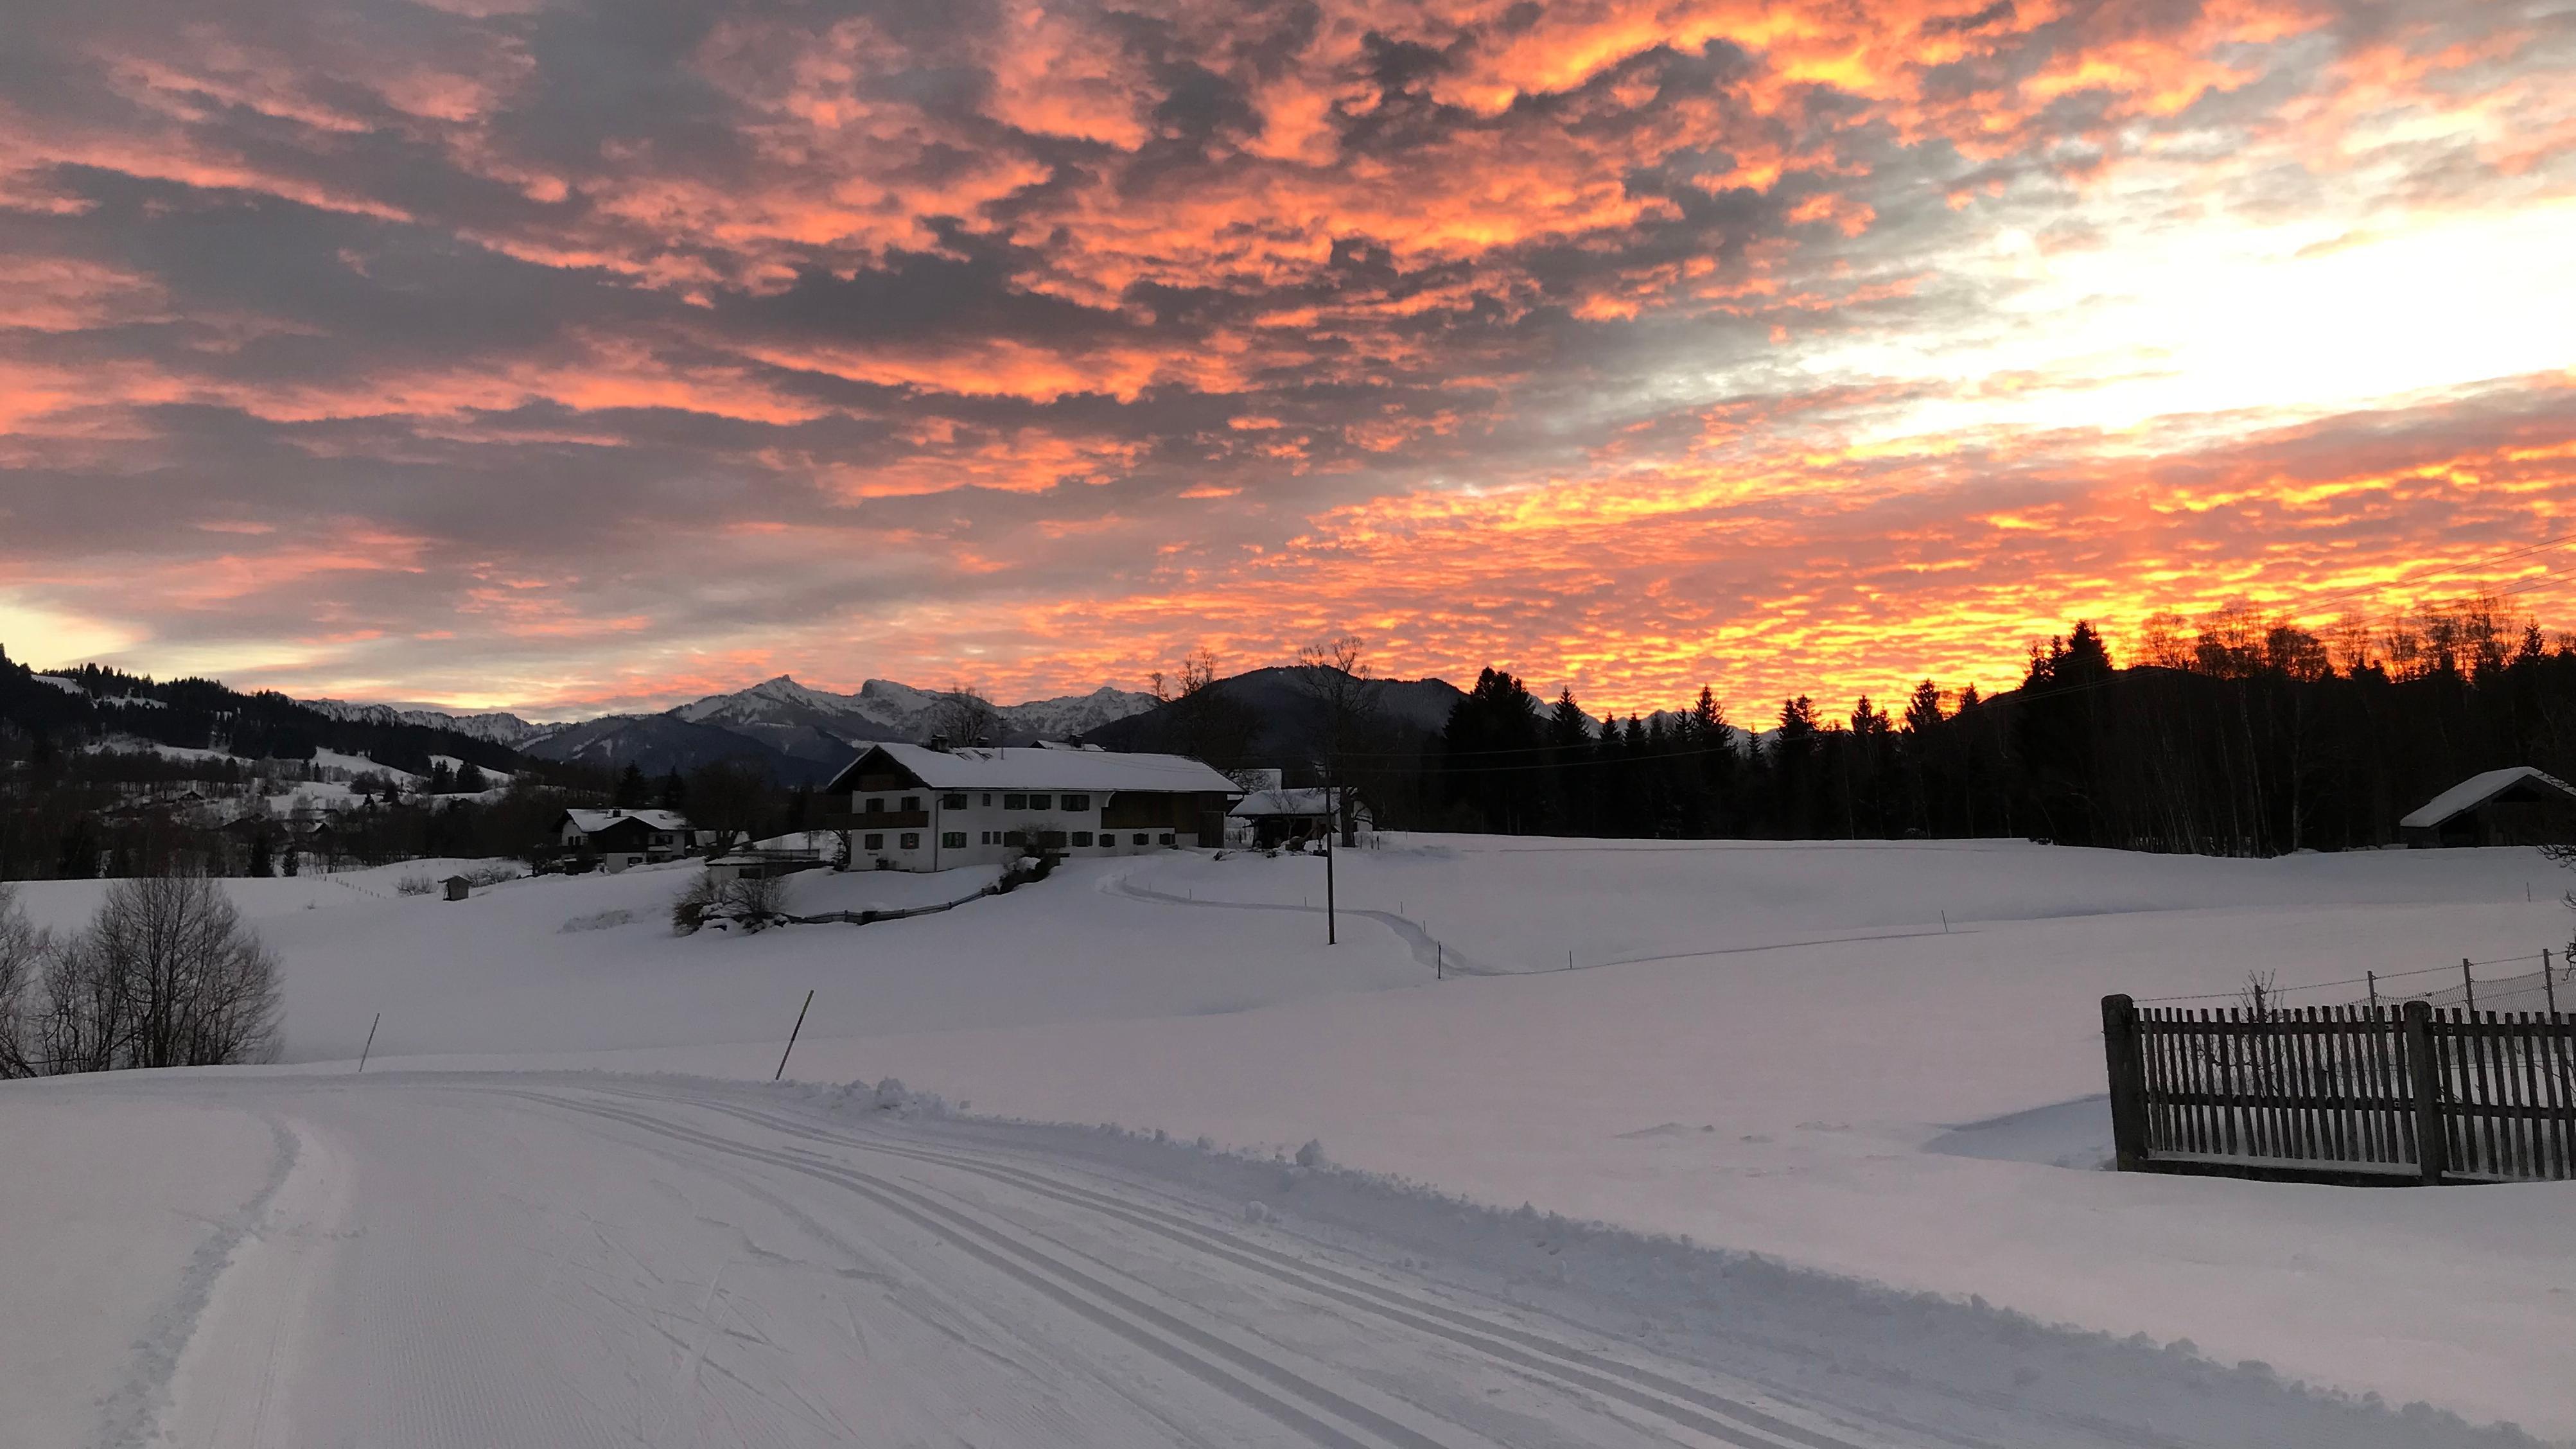 Winterabend im Oberland am 15.01.2019 vor der Kulisse der Ammergauer Alpen zwischen Bad Kohlgrub und Bad Bayersoien im Kreis Garmisch-Partenkirchen.